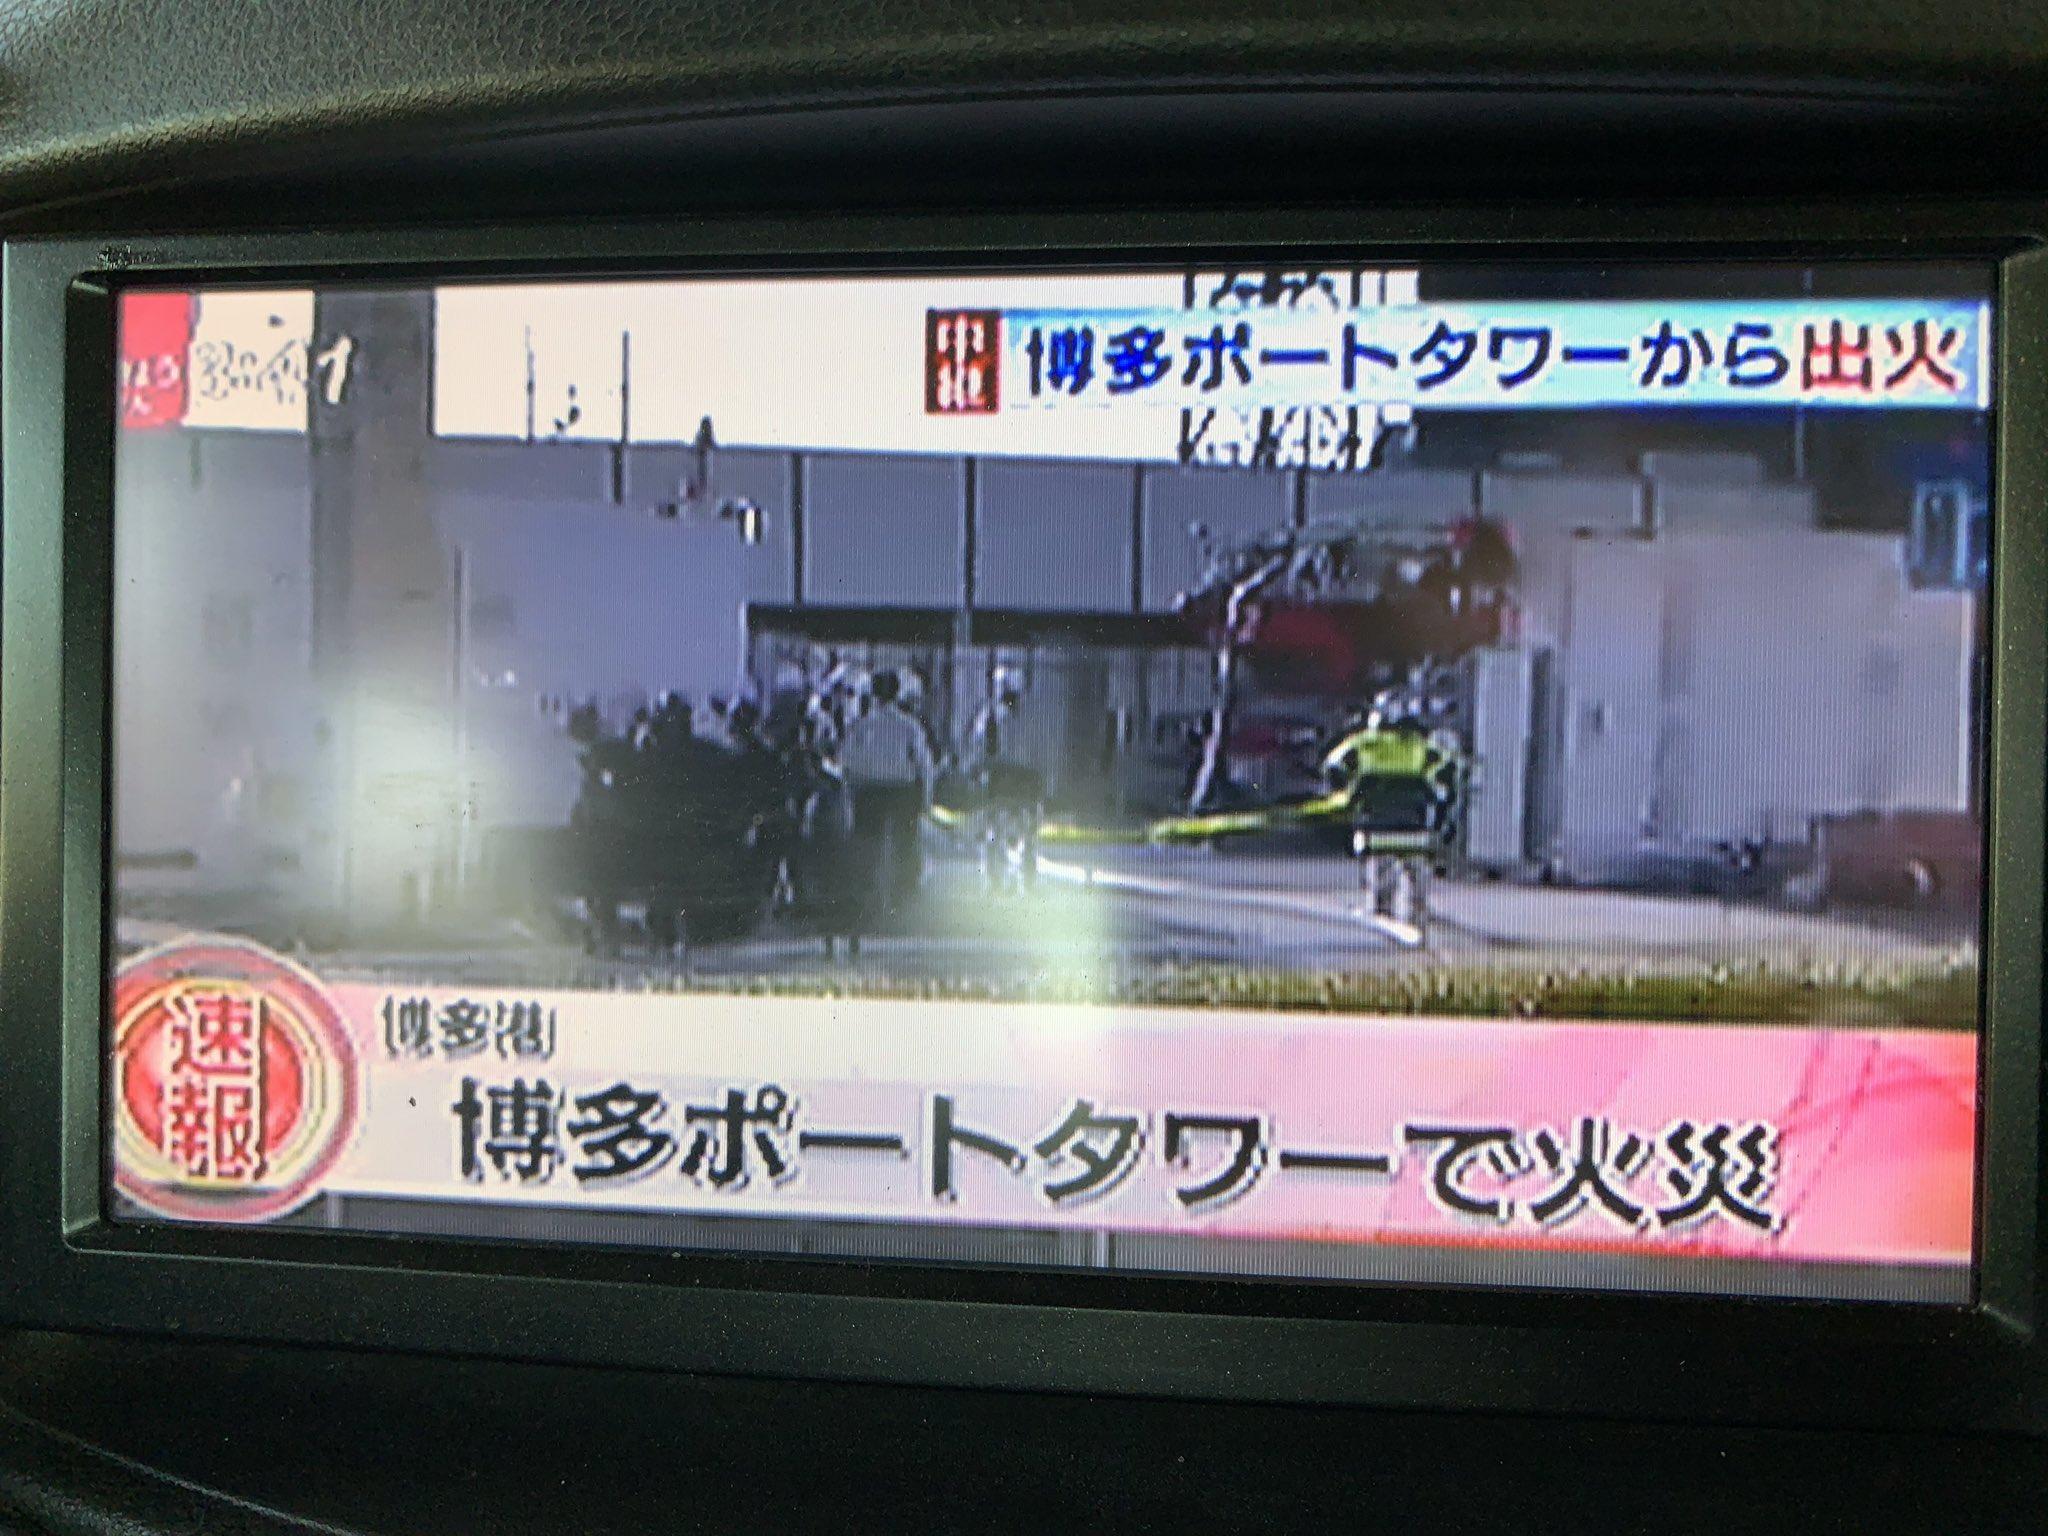 画像,博多ポートタワー火災、中継と3時頃の映像きた。鎮火に向かってるのかな。 https://t.co/J1sluA9XW8。